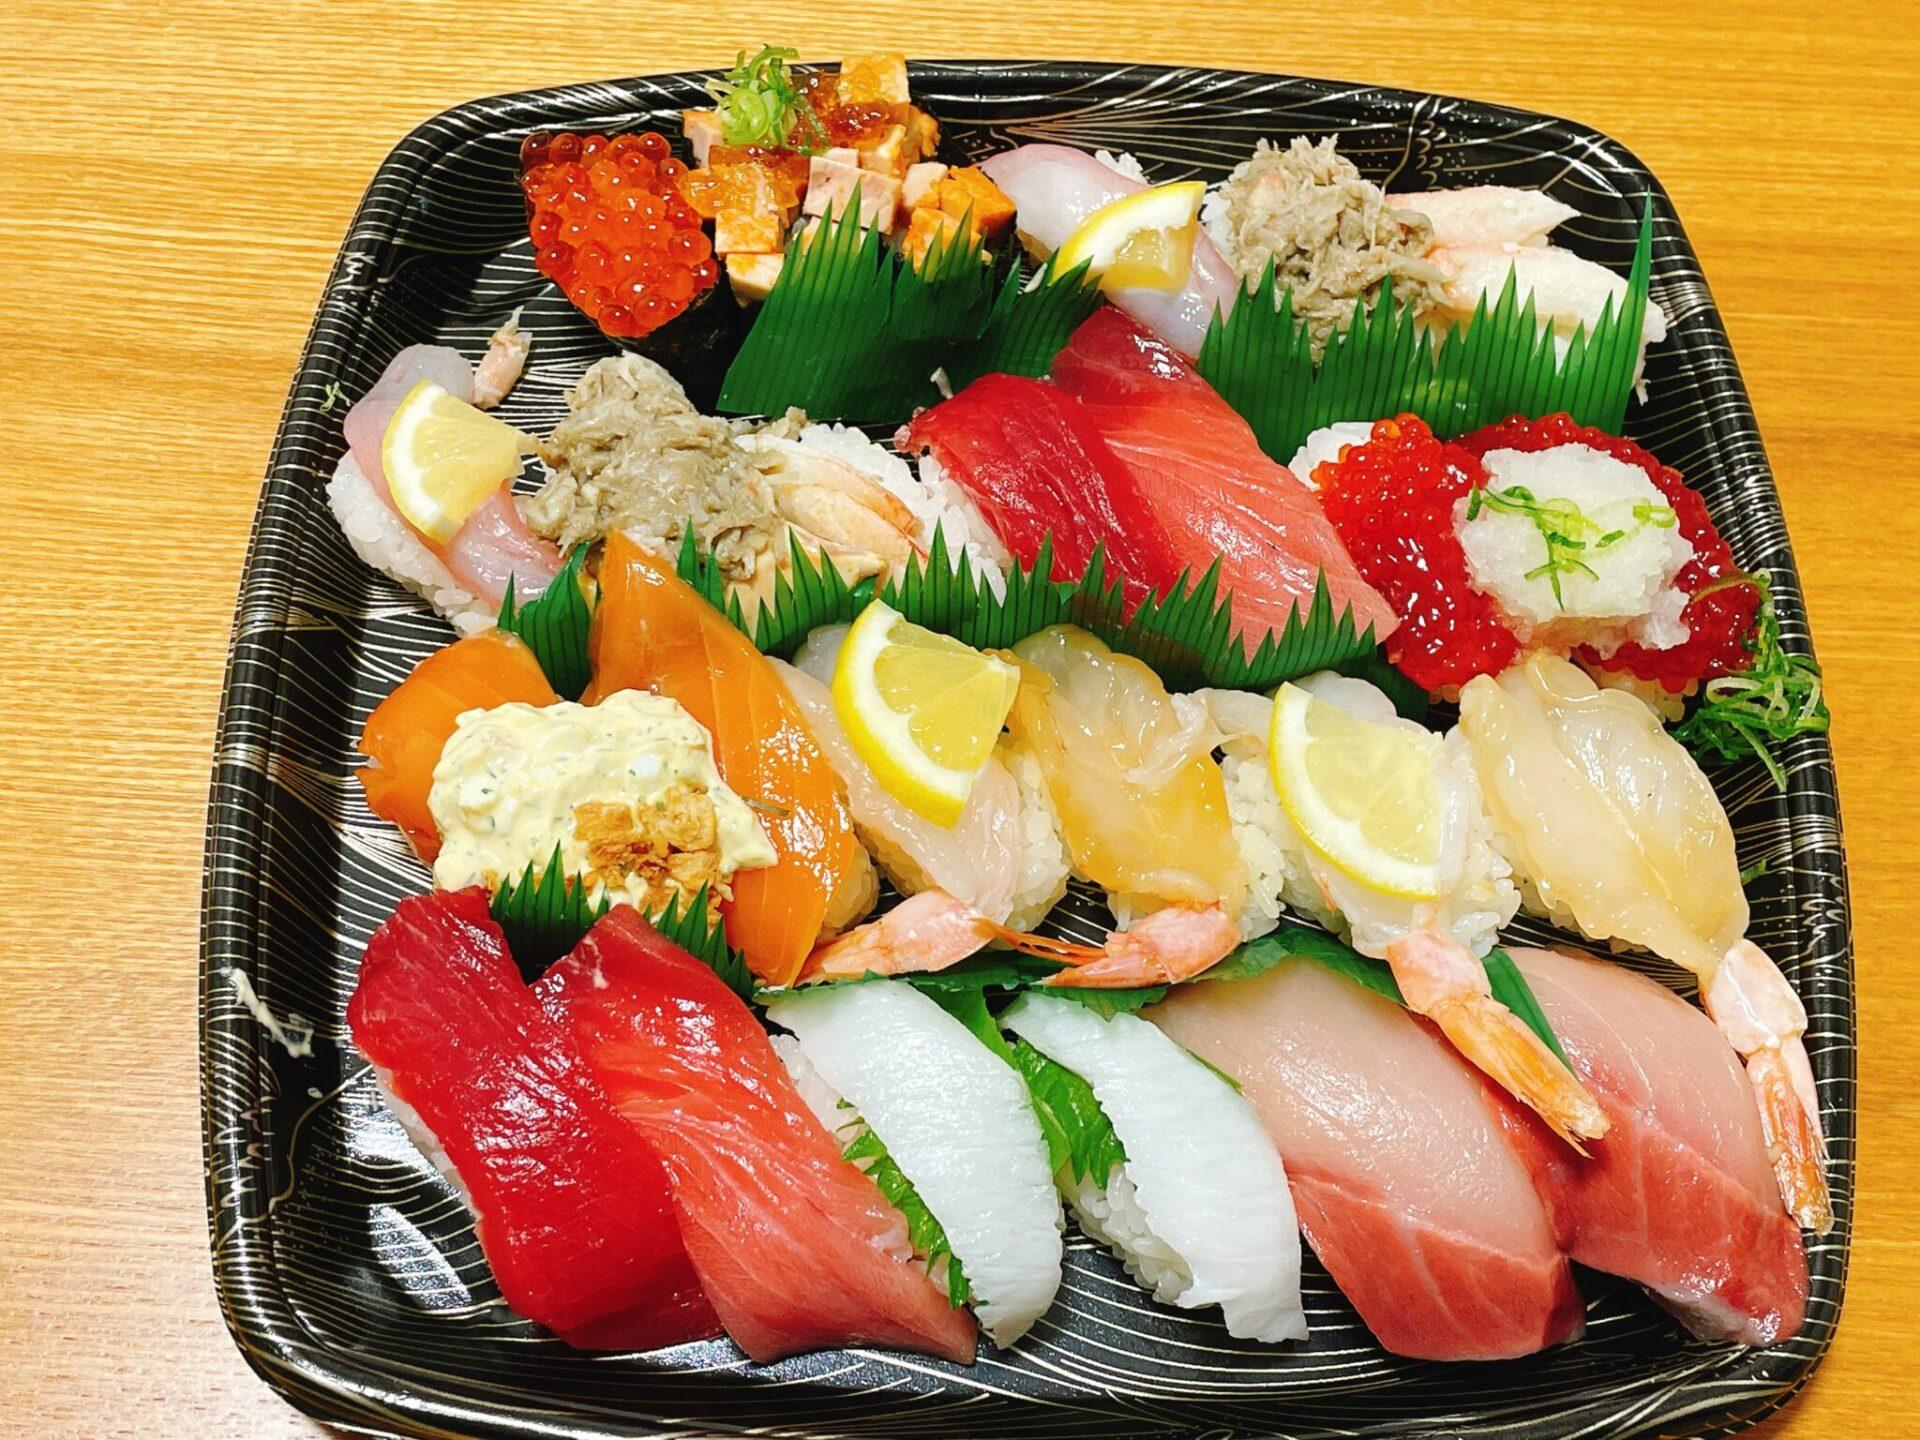 スシロー経堂店の寿司持ち帰り